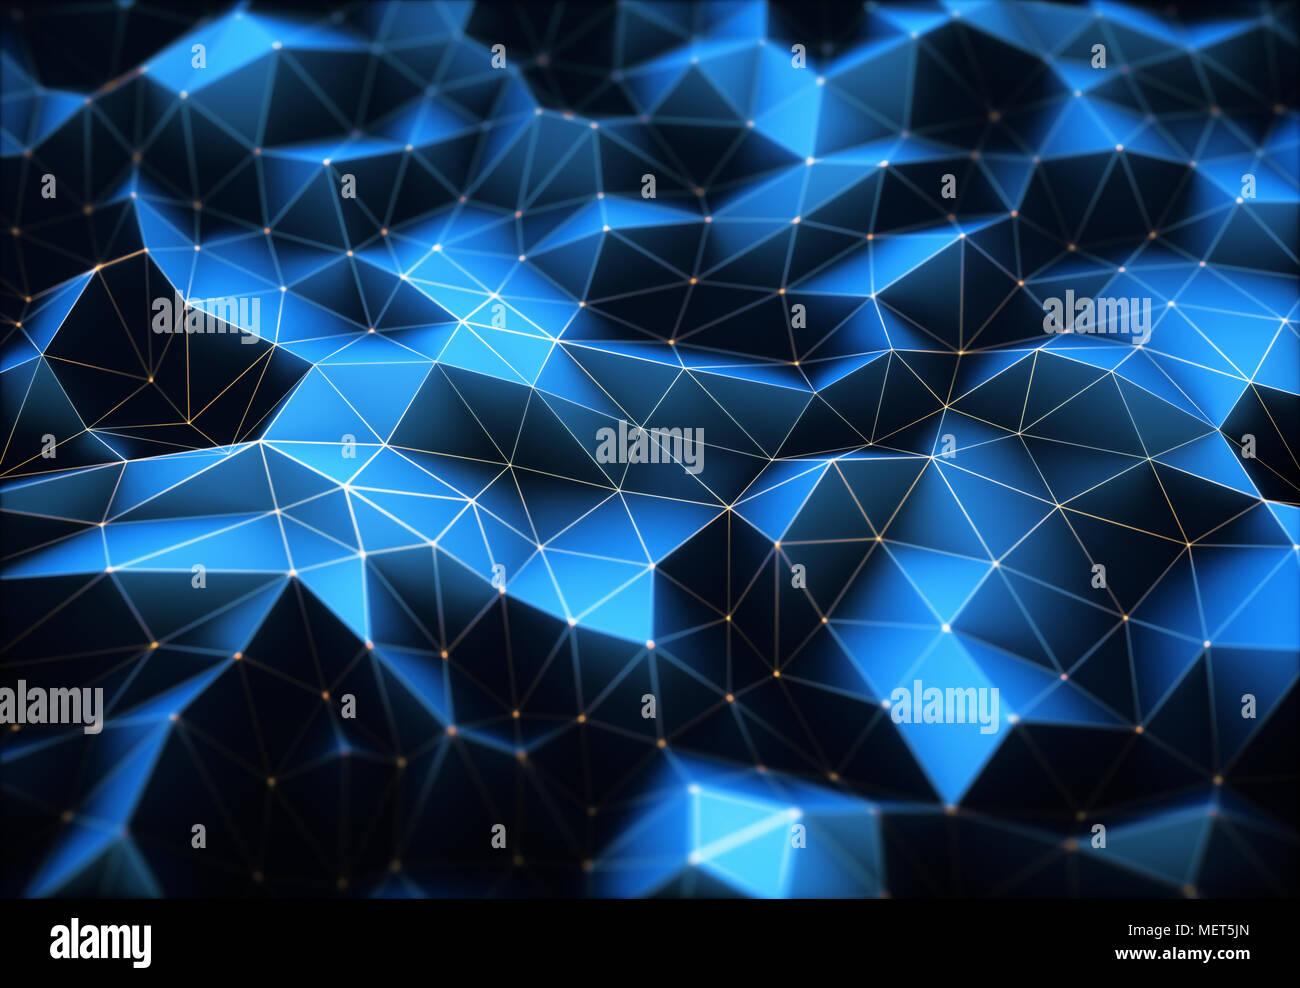 Ilustración 3D. Imagen abstracta, conexiones en líneas y formas geométricas. Concepto de tecnología para utilizar como fondo. Imagen De Stock